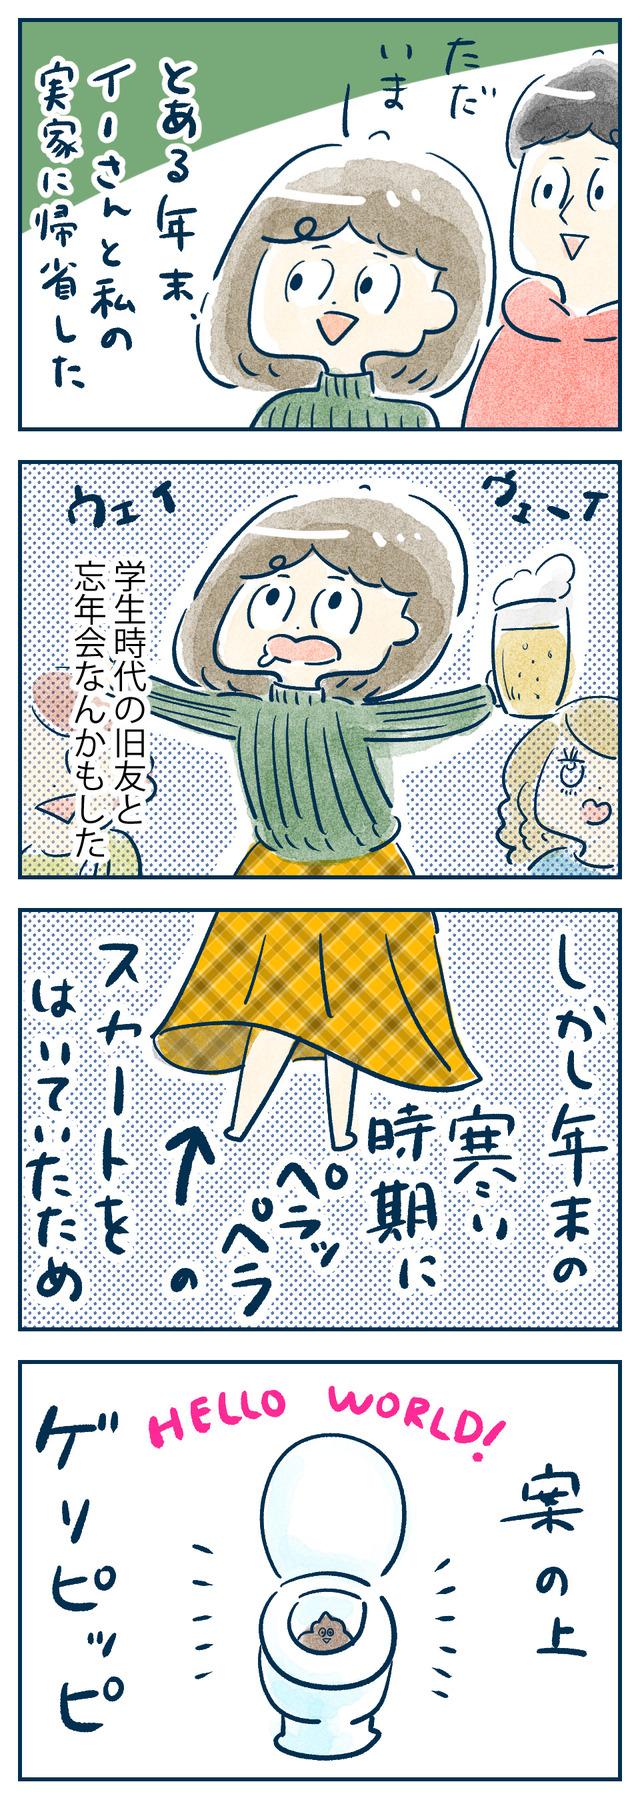 unkomorashita01